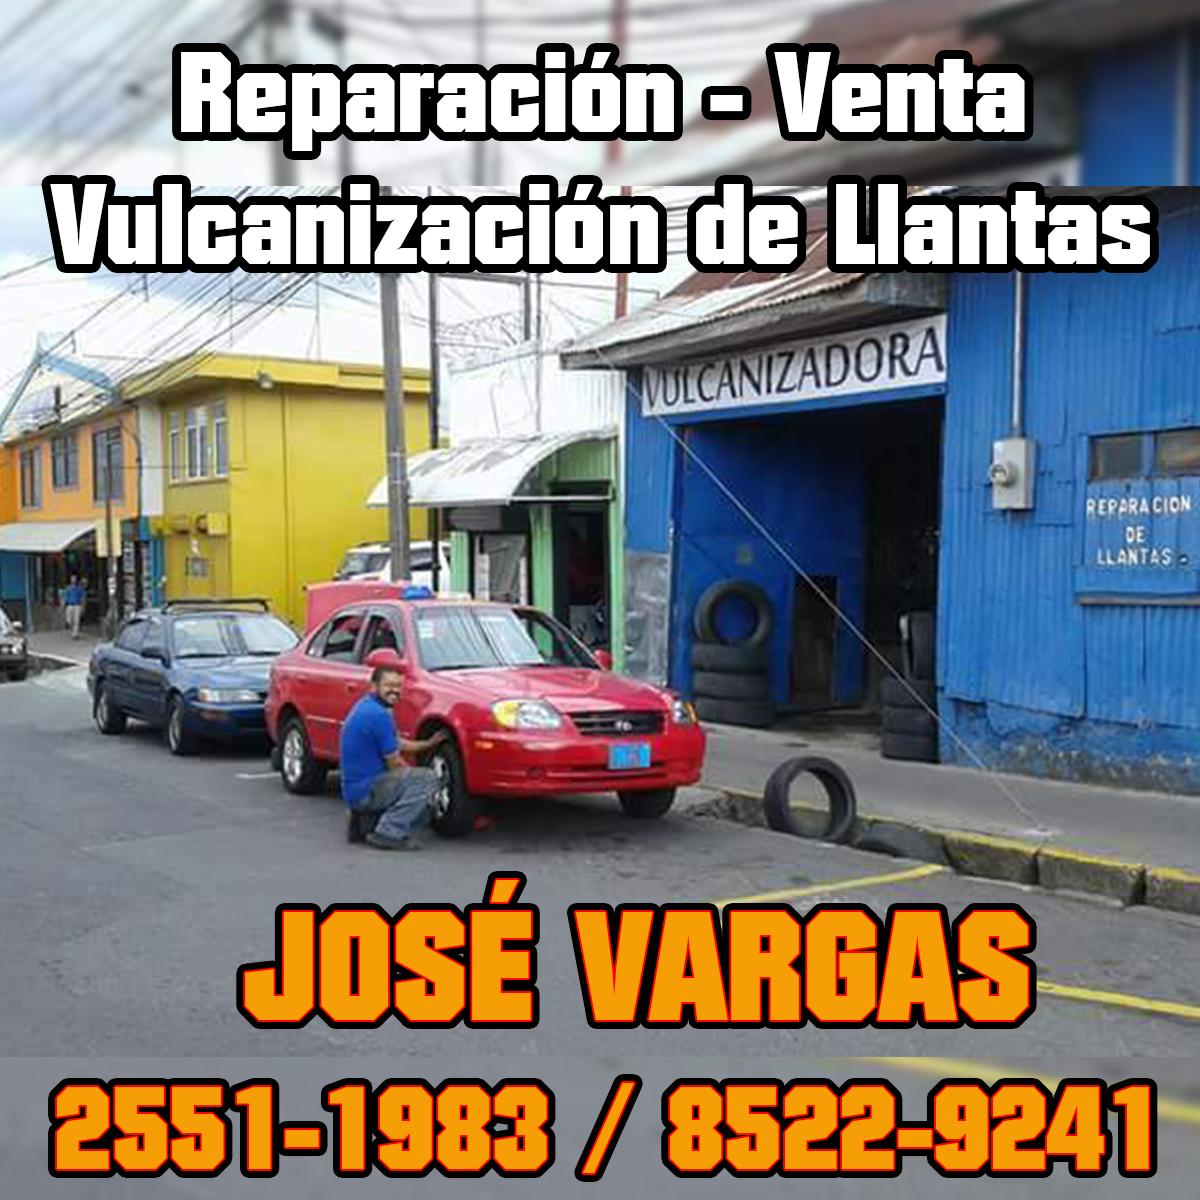 Llantas Vargas 8522-9241